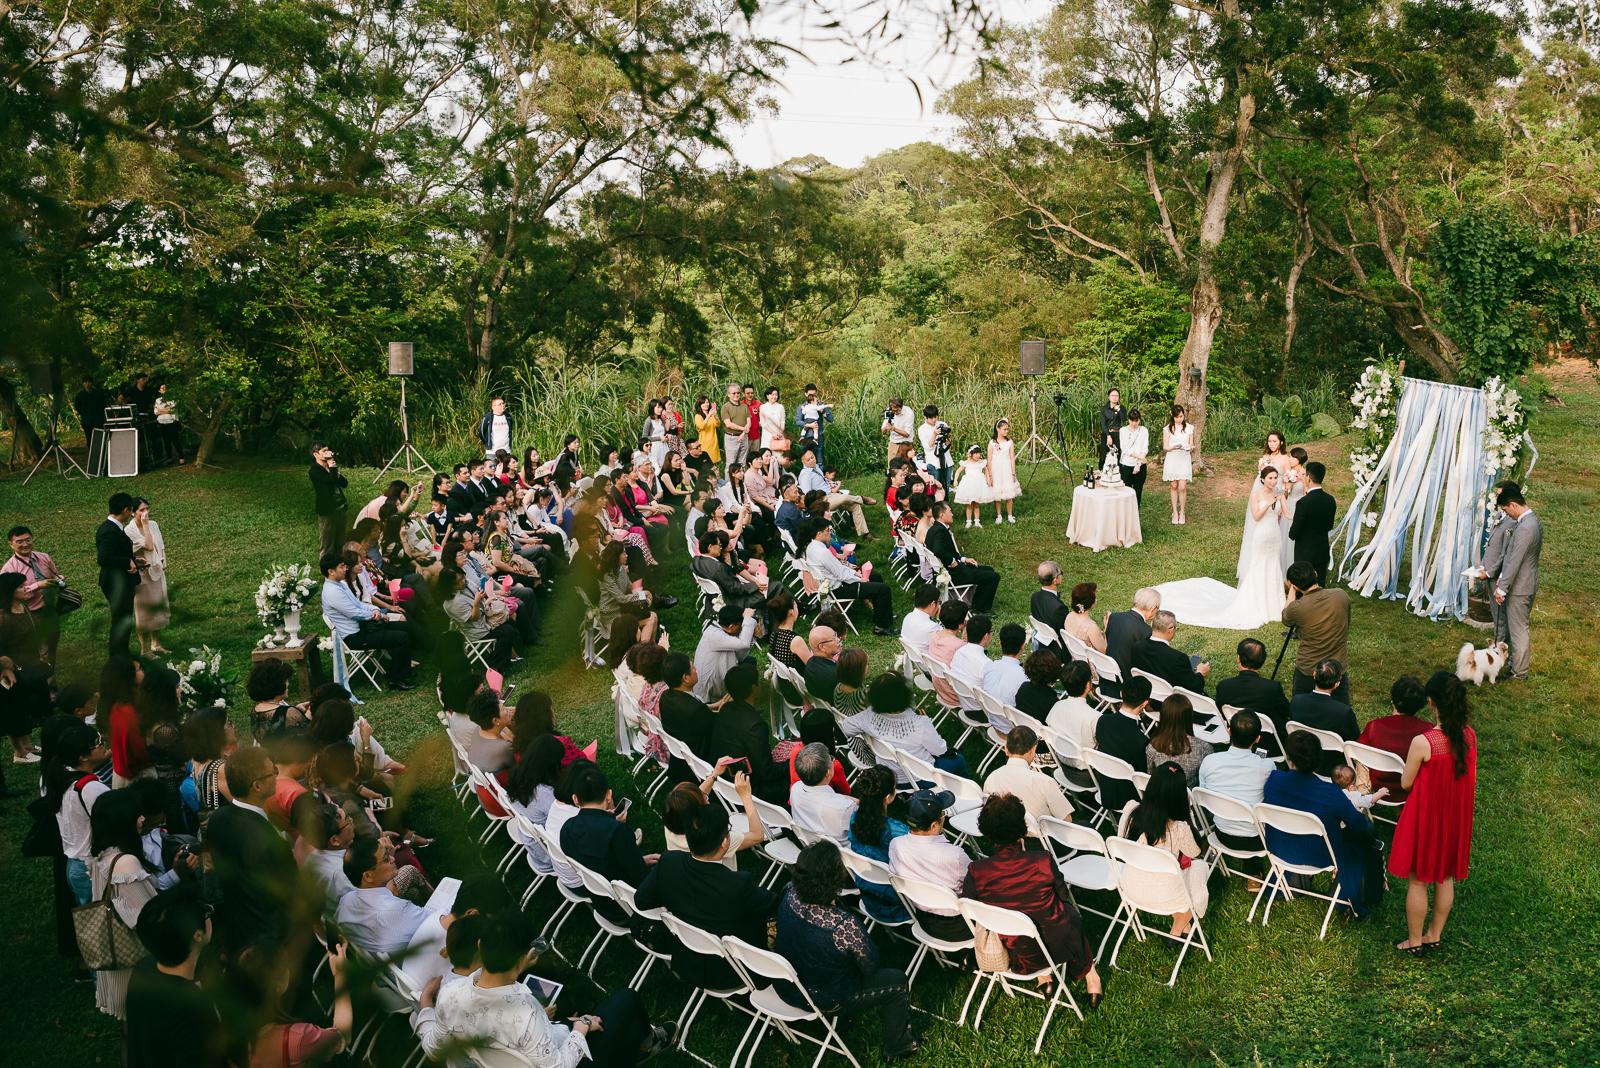 顏氏牧場婚攝, 派大楊, 紀實攝影, 美式婚禮, 婚拍, 婚宴, 推薦, 台中婚攝, 彰化婚攝, getmarry, PTT, Wedding,